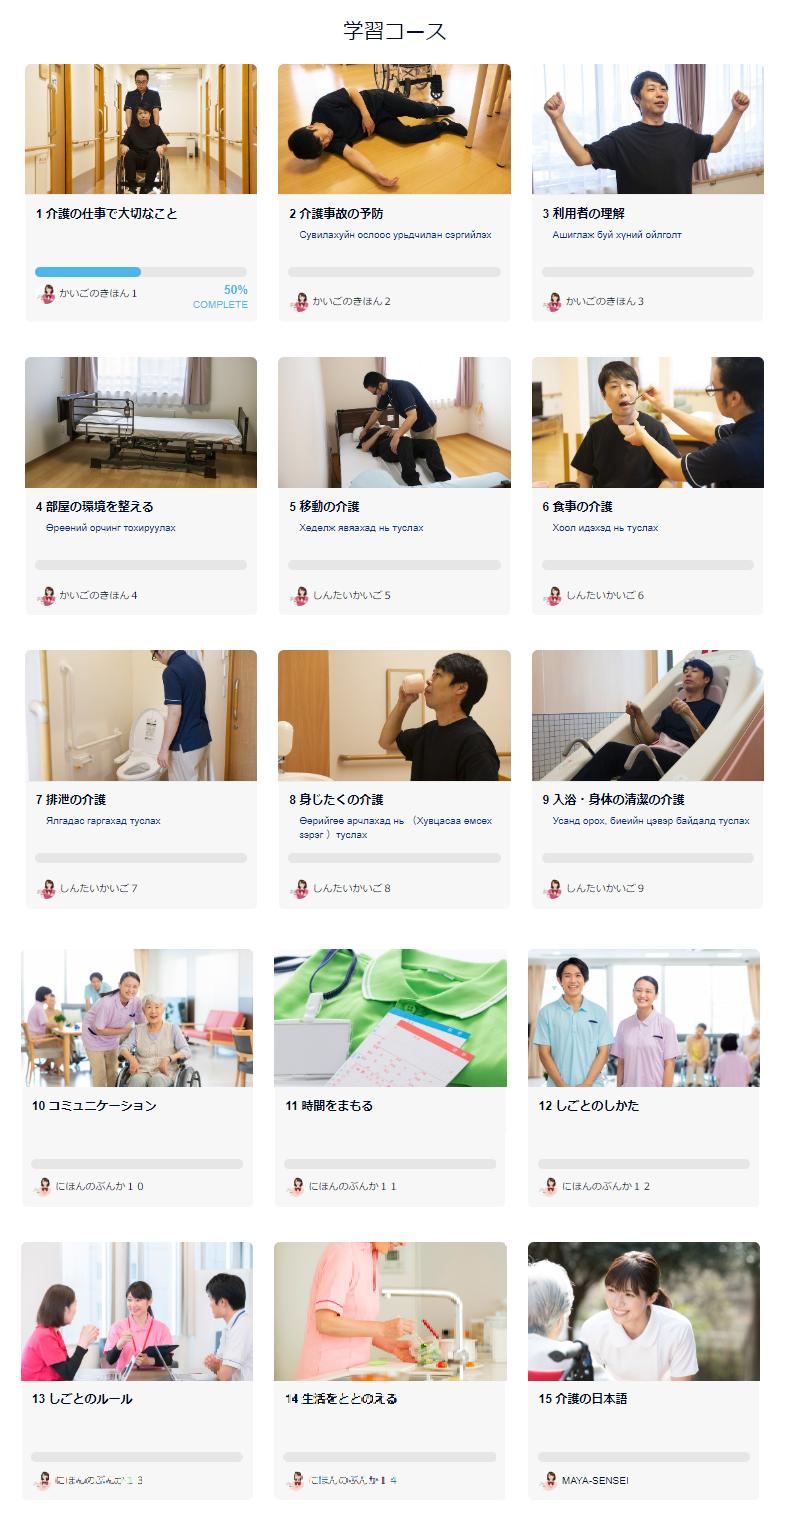 ハピトレジャパン学習コースのイメージ